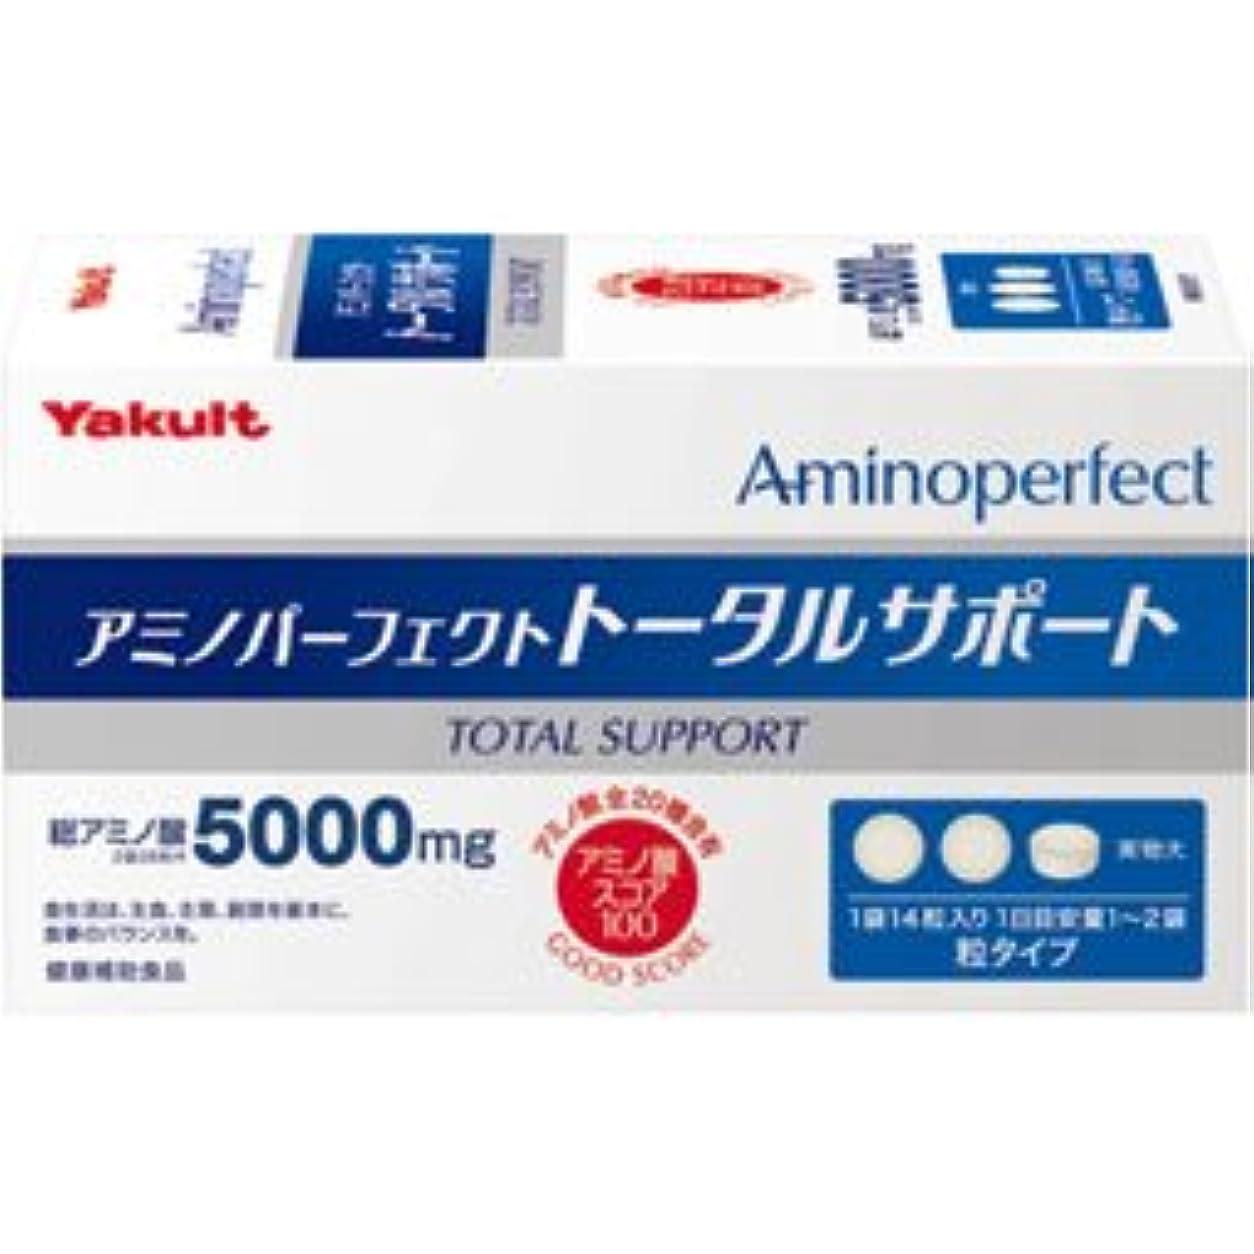 ミルク以前は抗議アミノパーフェクト トータルサポート14粒×30袋 2個パック